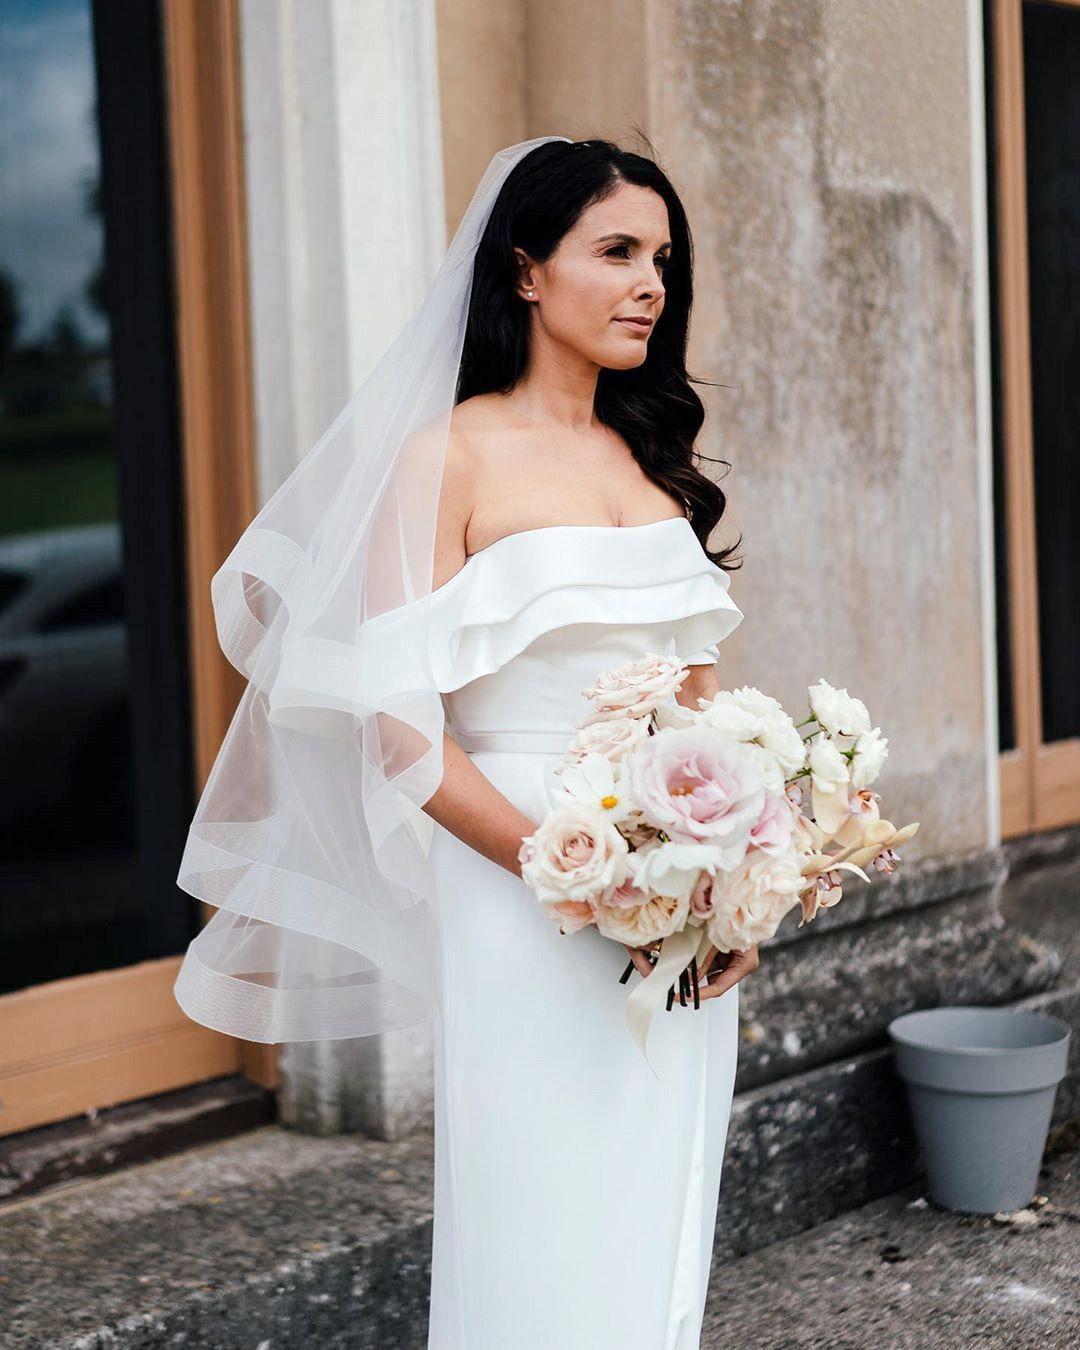 Bridal Wear, Wedding Dresses, Bride